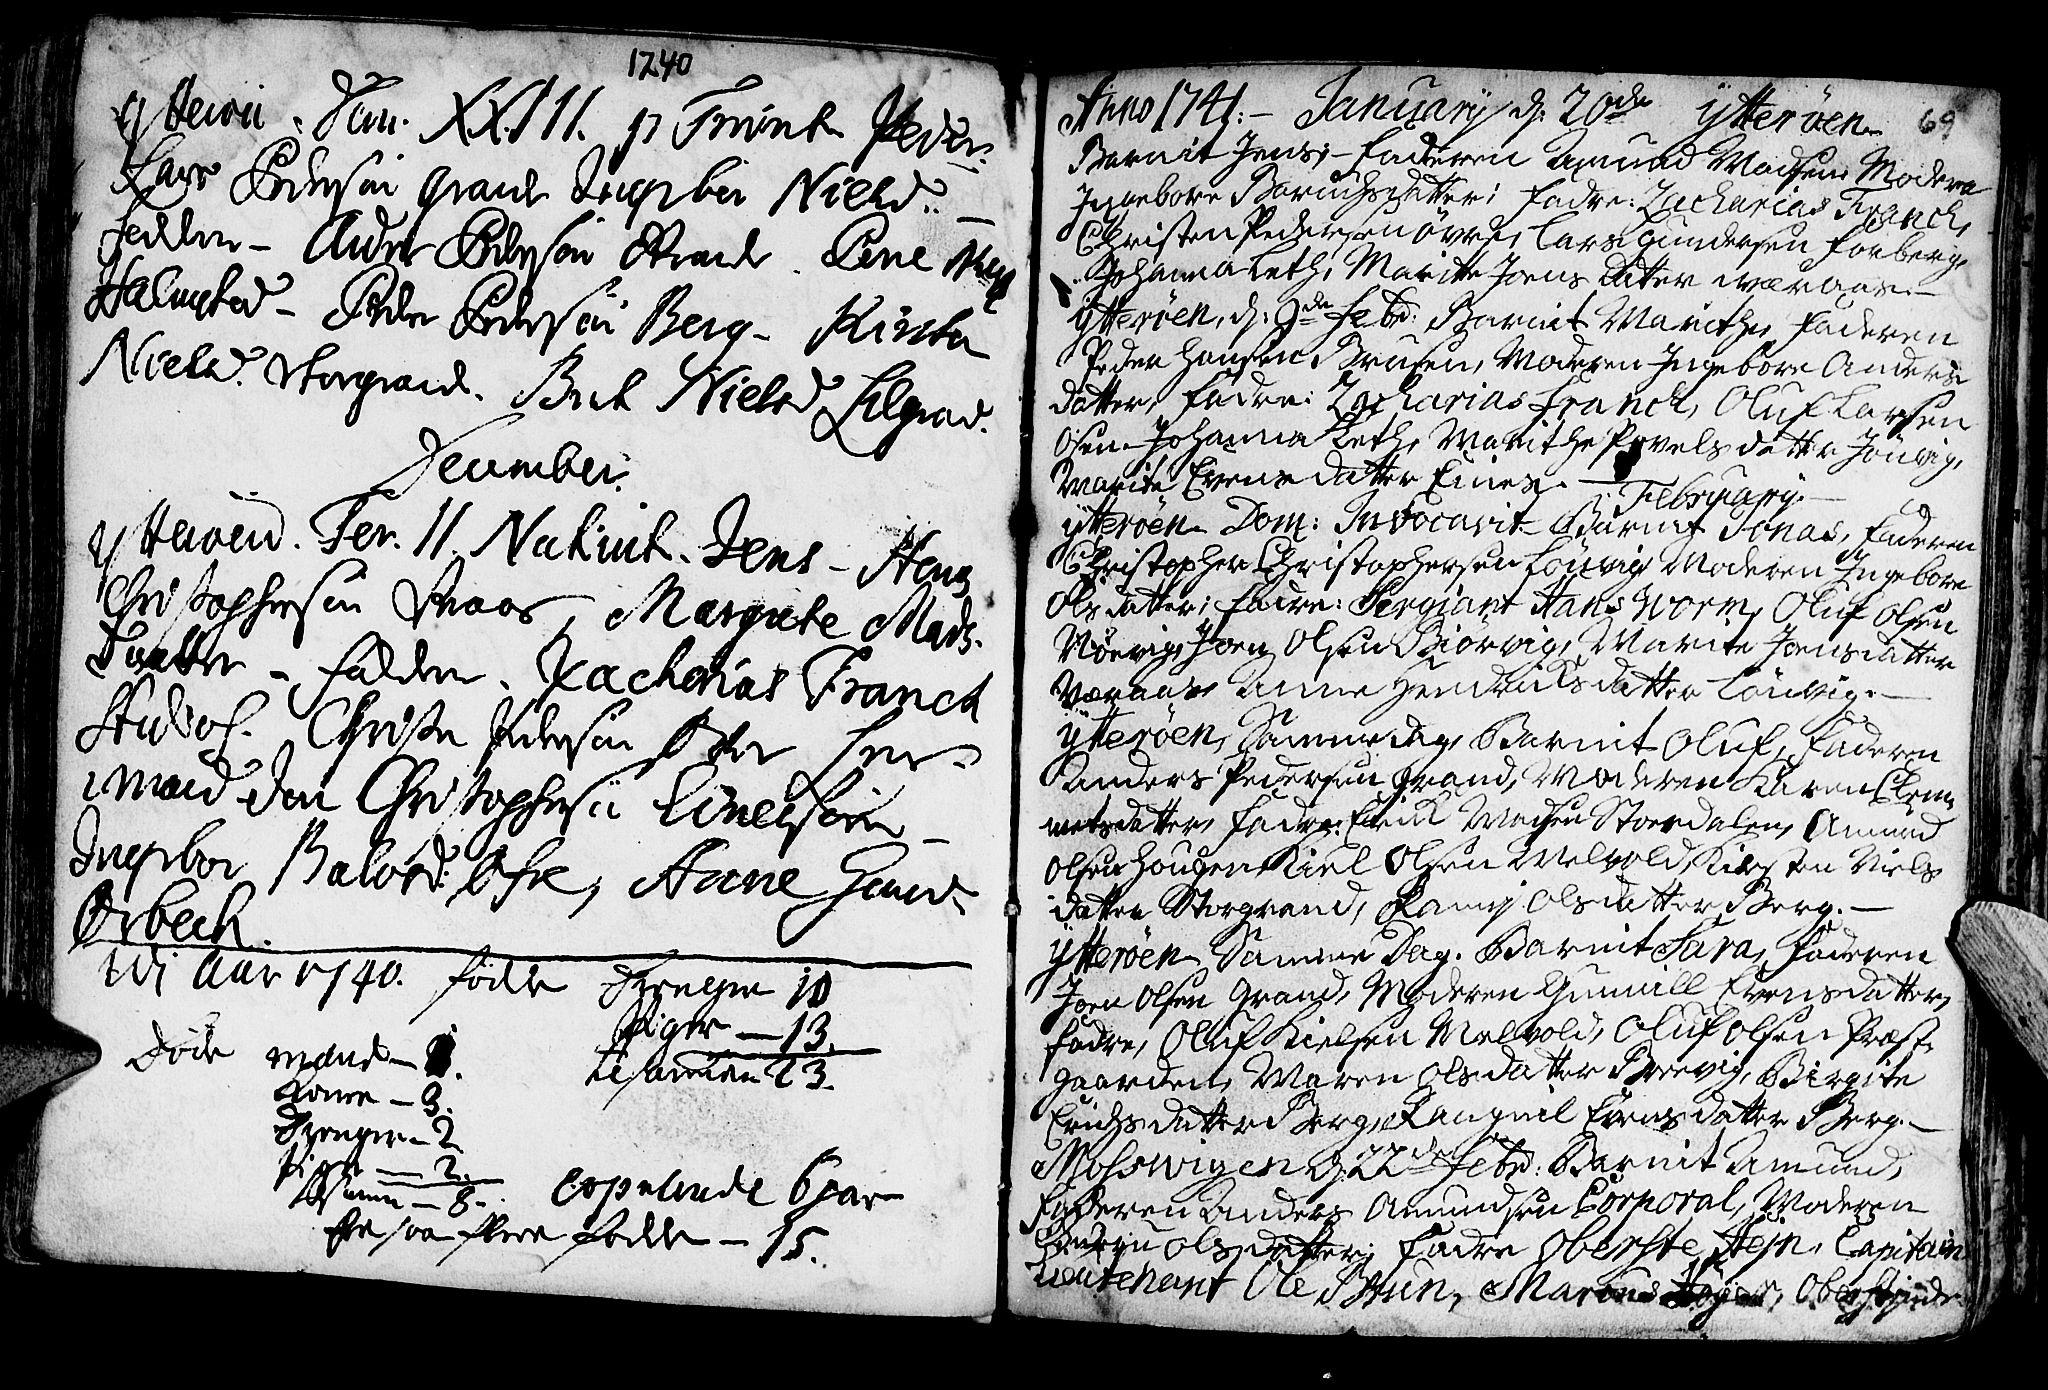 SAT, Ministerialprotokoller, klokkerbøker og fødselsregistre - Nord-Trøndelag, 722/L0215: Ministerialbok nr. 722A02, 1718-1755, s. 69